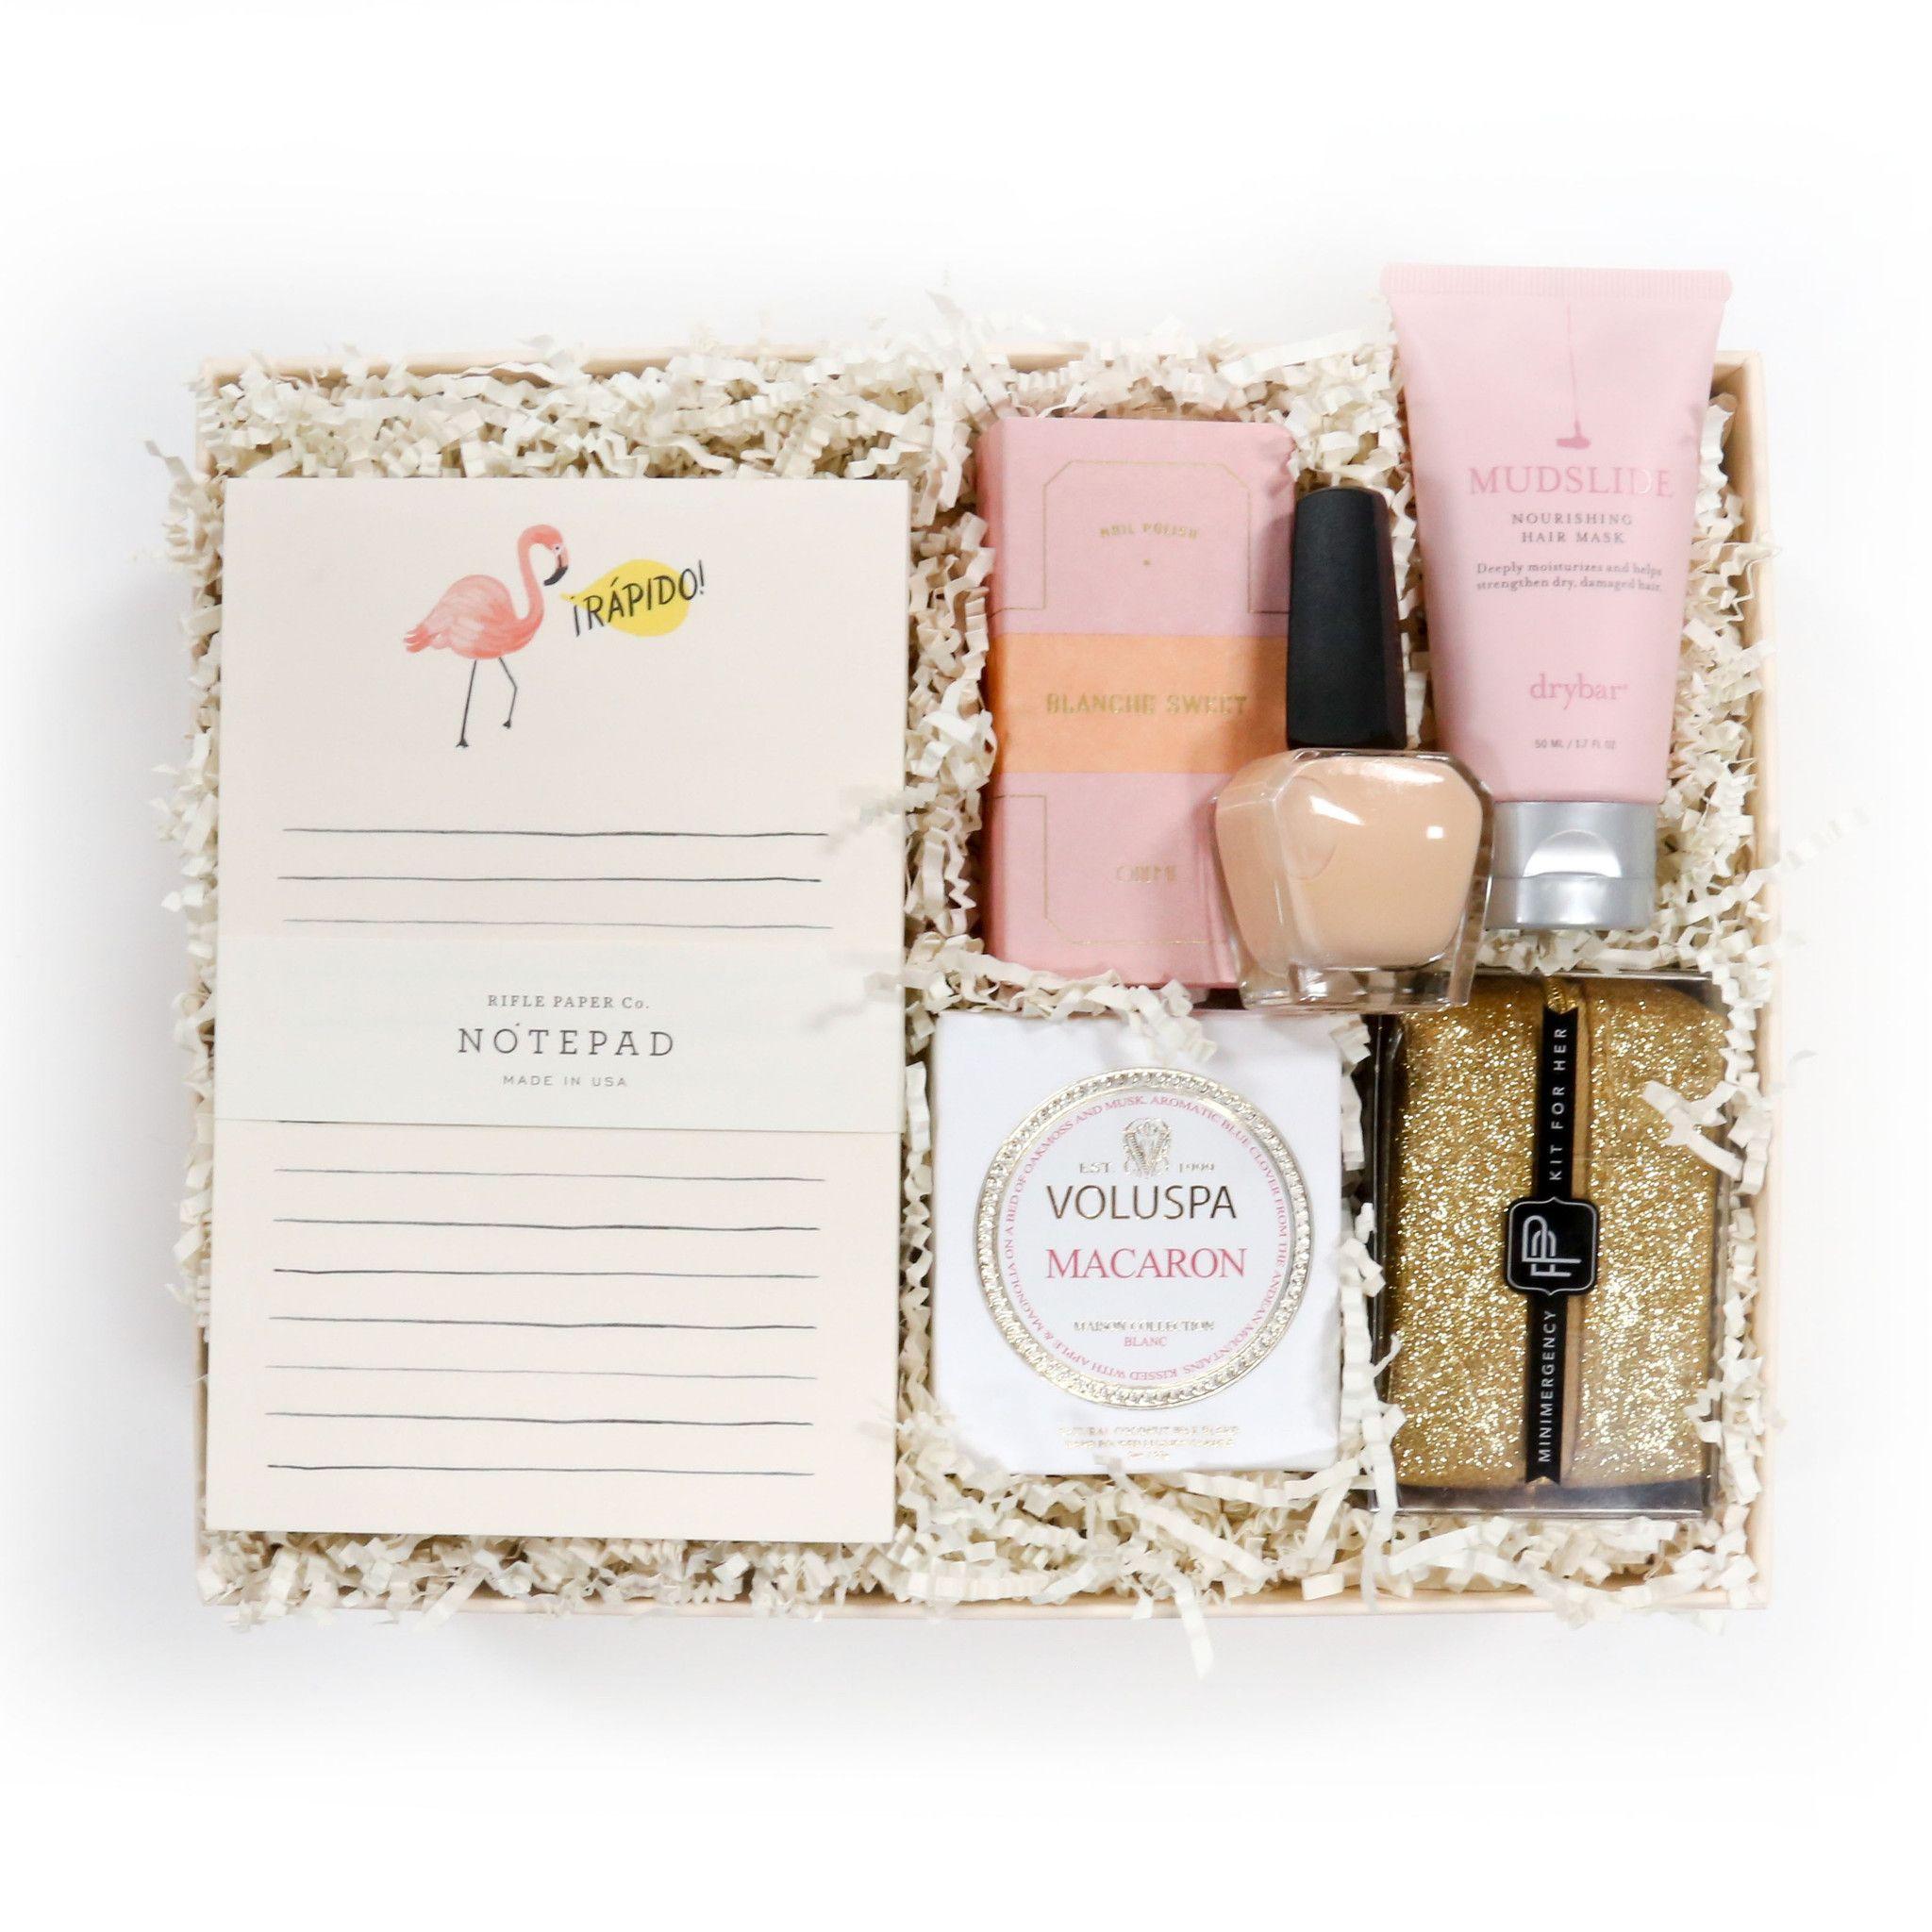 BE MY BRIDESMAID GIFT BOX BOXFOX Gift Baskets